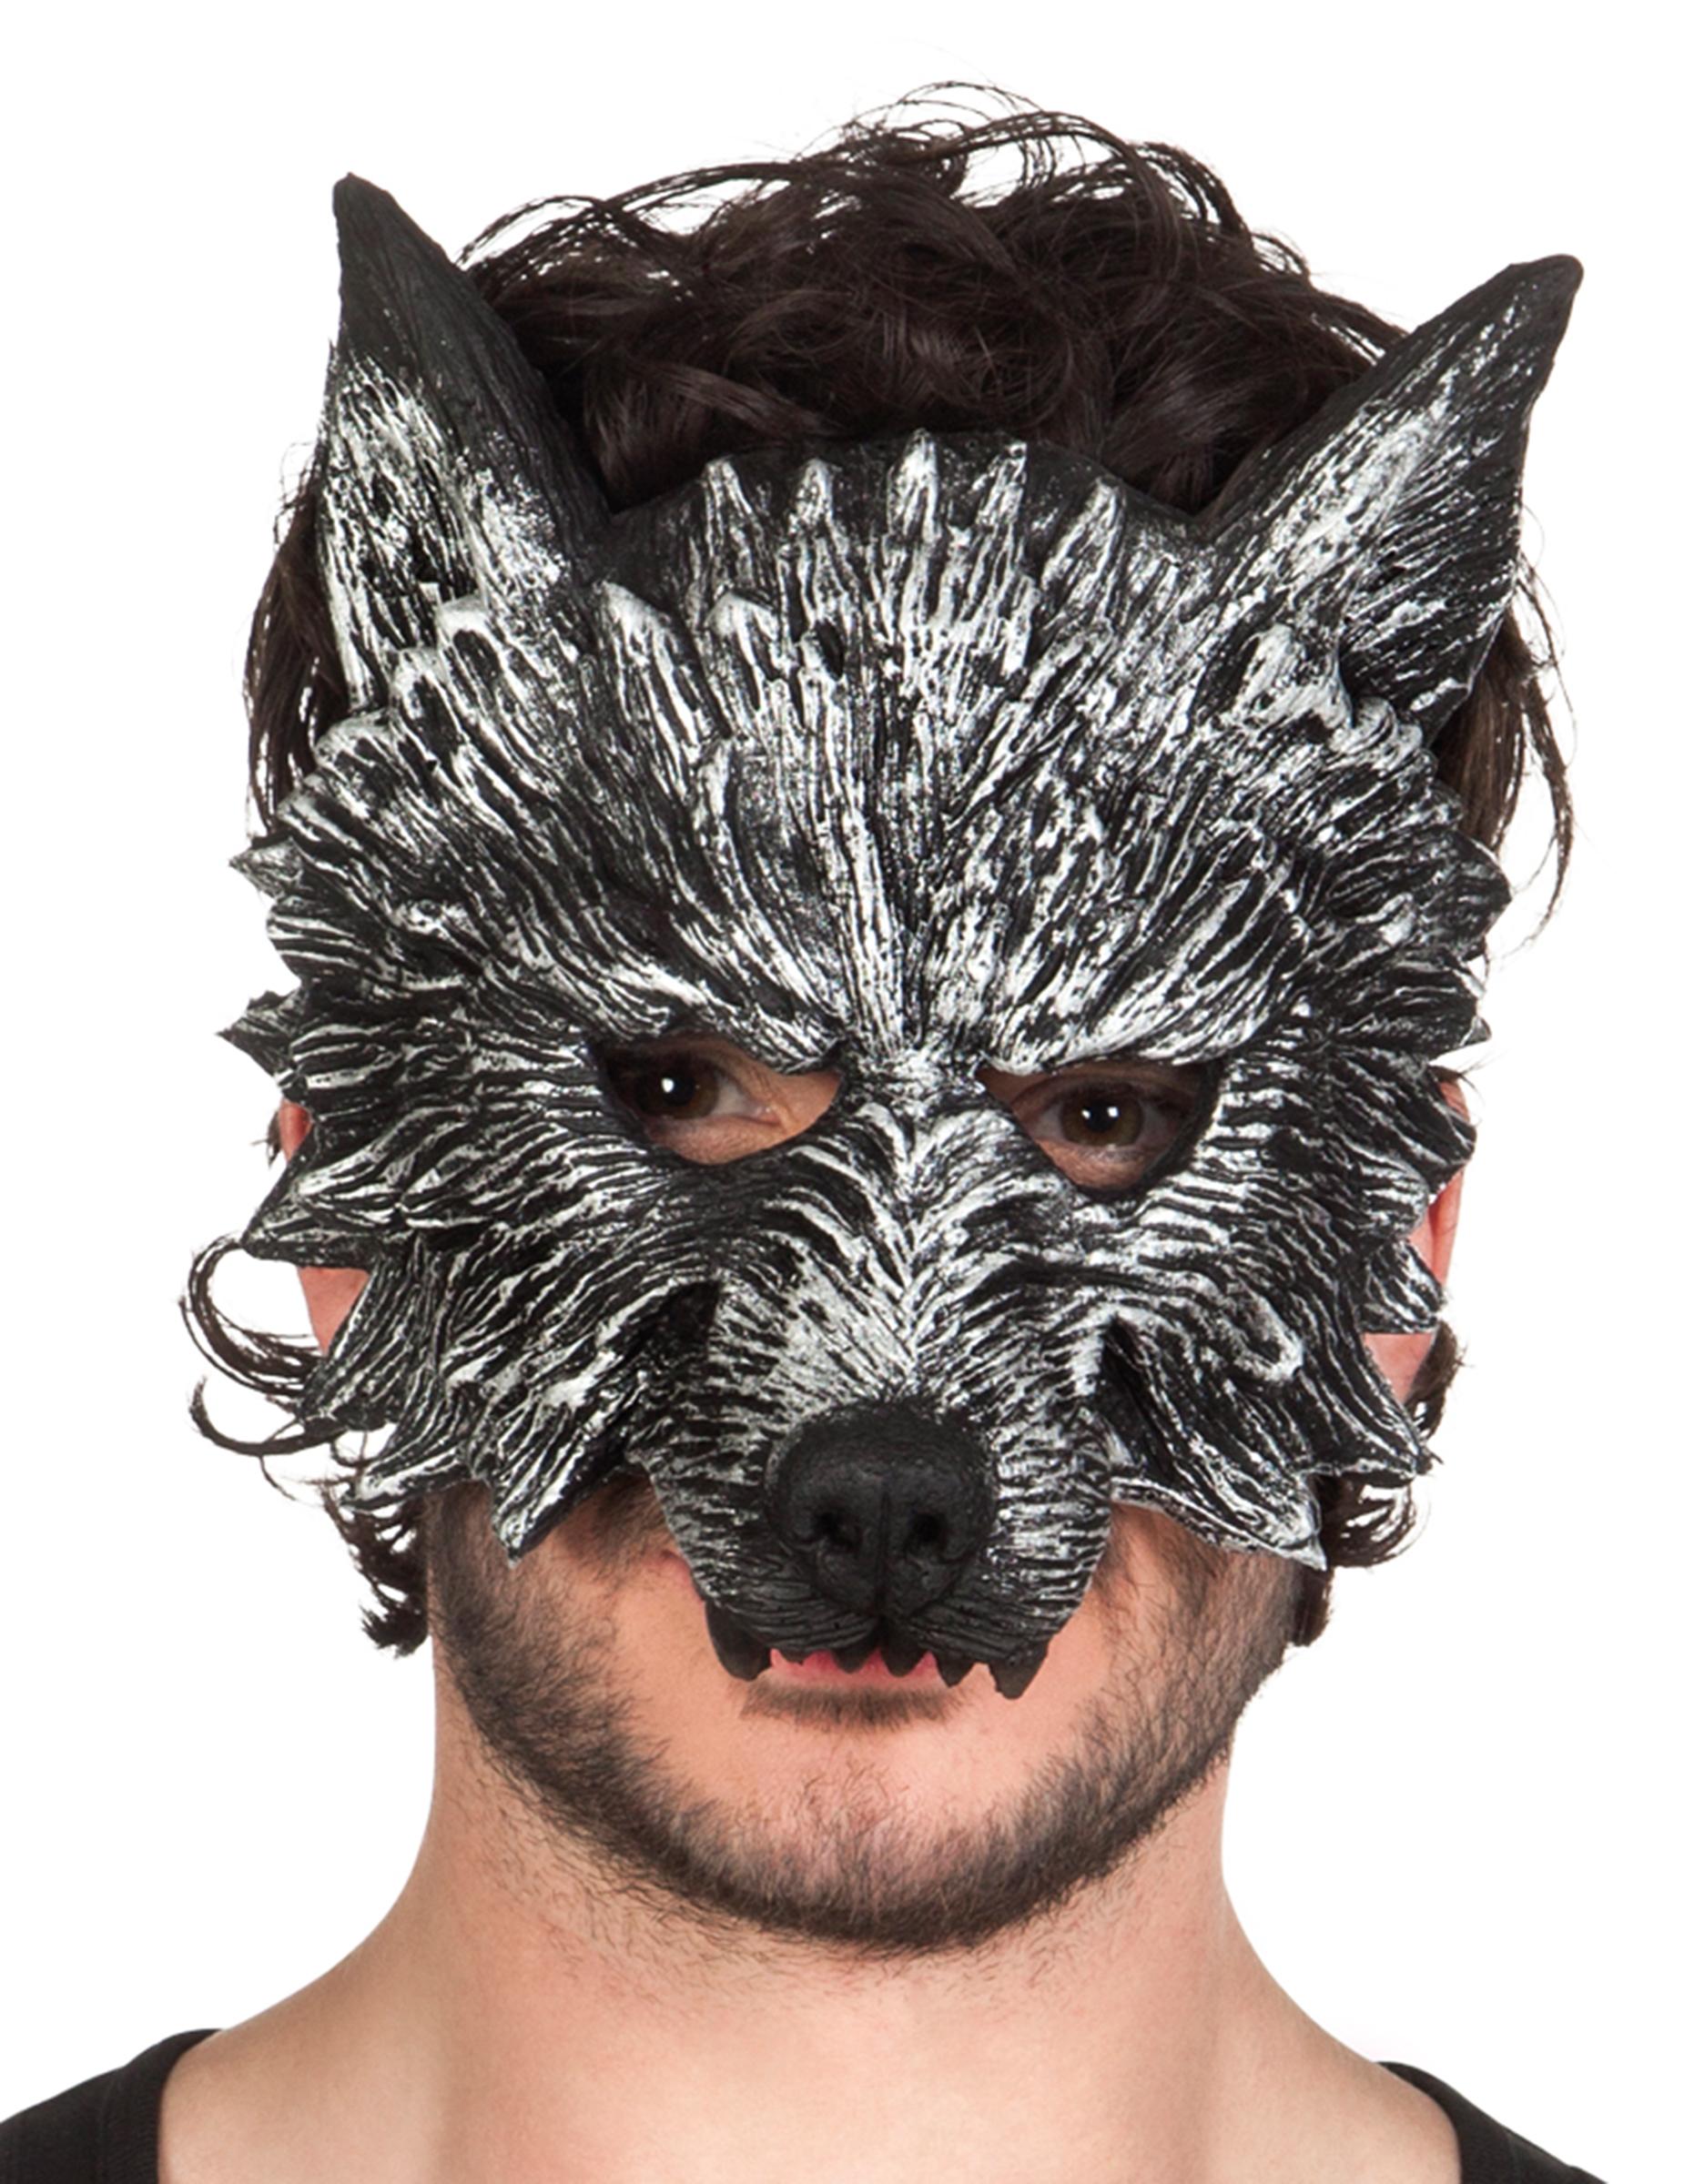 Maschera da lupo mannaro adulto halloween maschere e - Lupo mannaro immagini da colorare ...